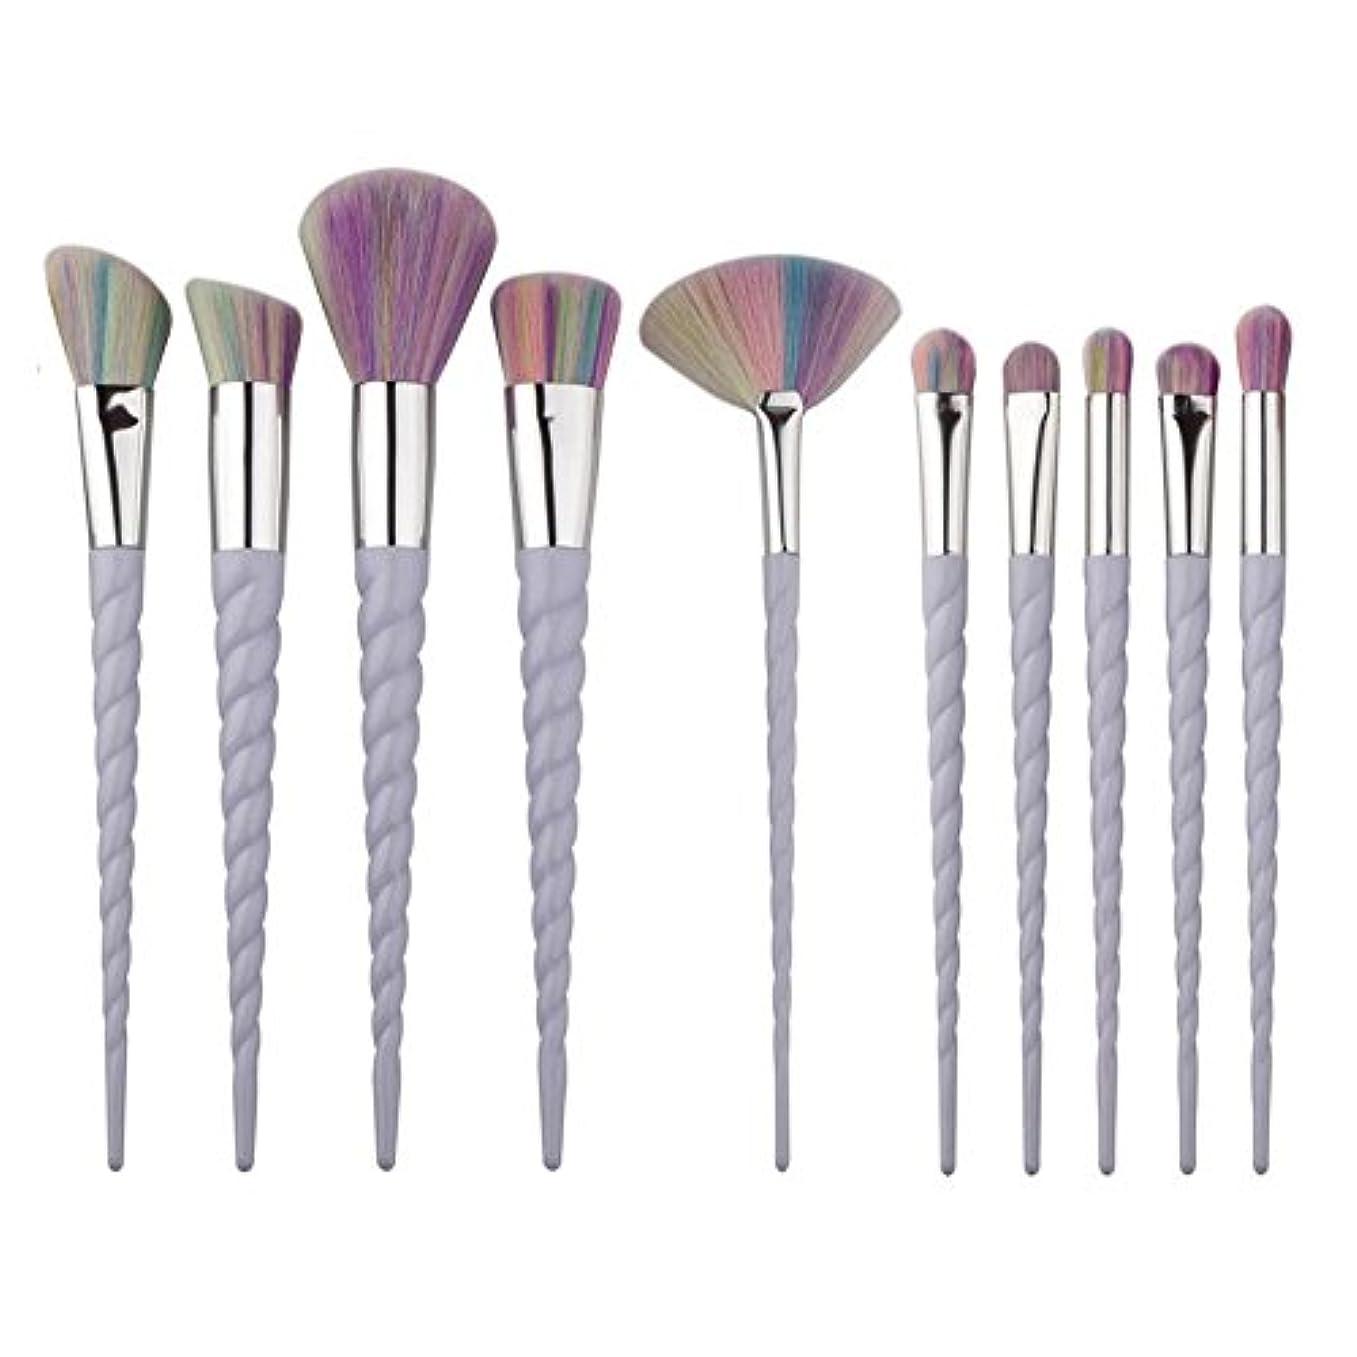 丘他の日バリアDilla Beauty 10本セットユニコーンデザインプラスチックハンドル形状メイクブラシセット合成毛ファンデーションブラシアイシャドーブラッシャー美容ツール (ホワイト-1)